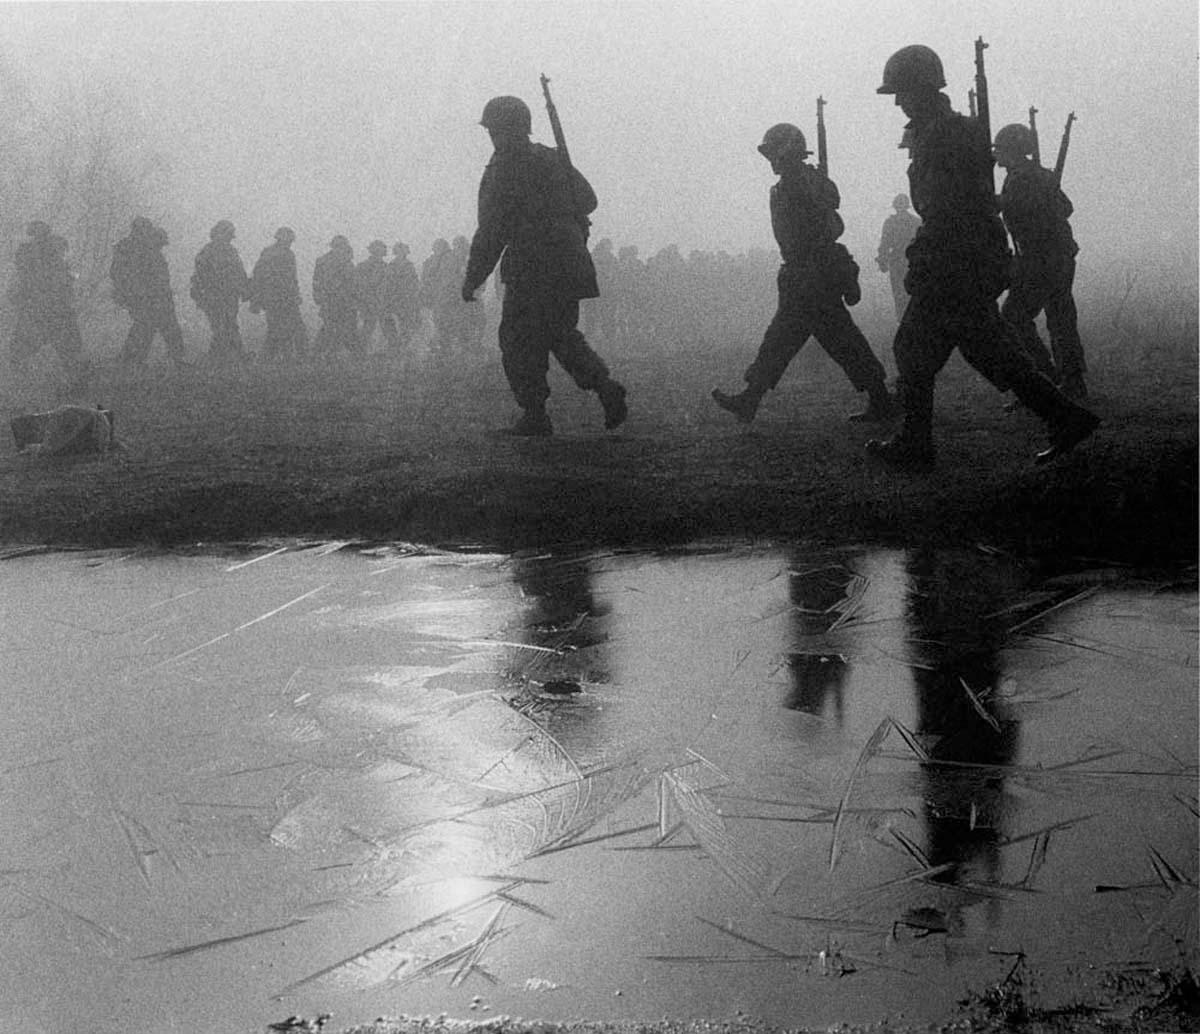 Harold Feinstein Photographer Remembering The Forgotten